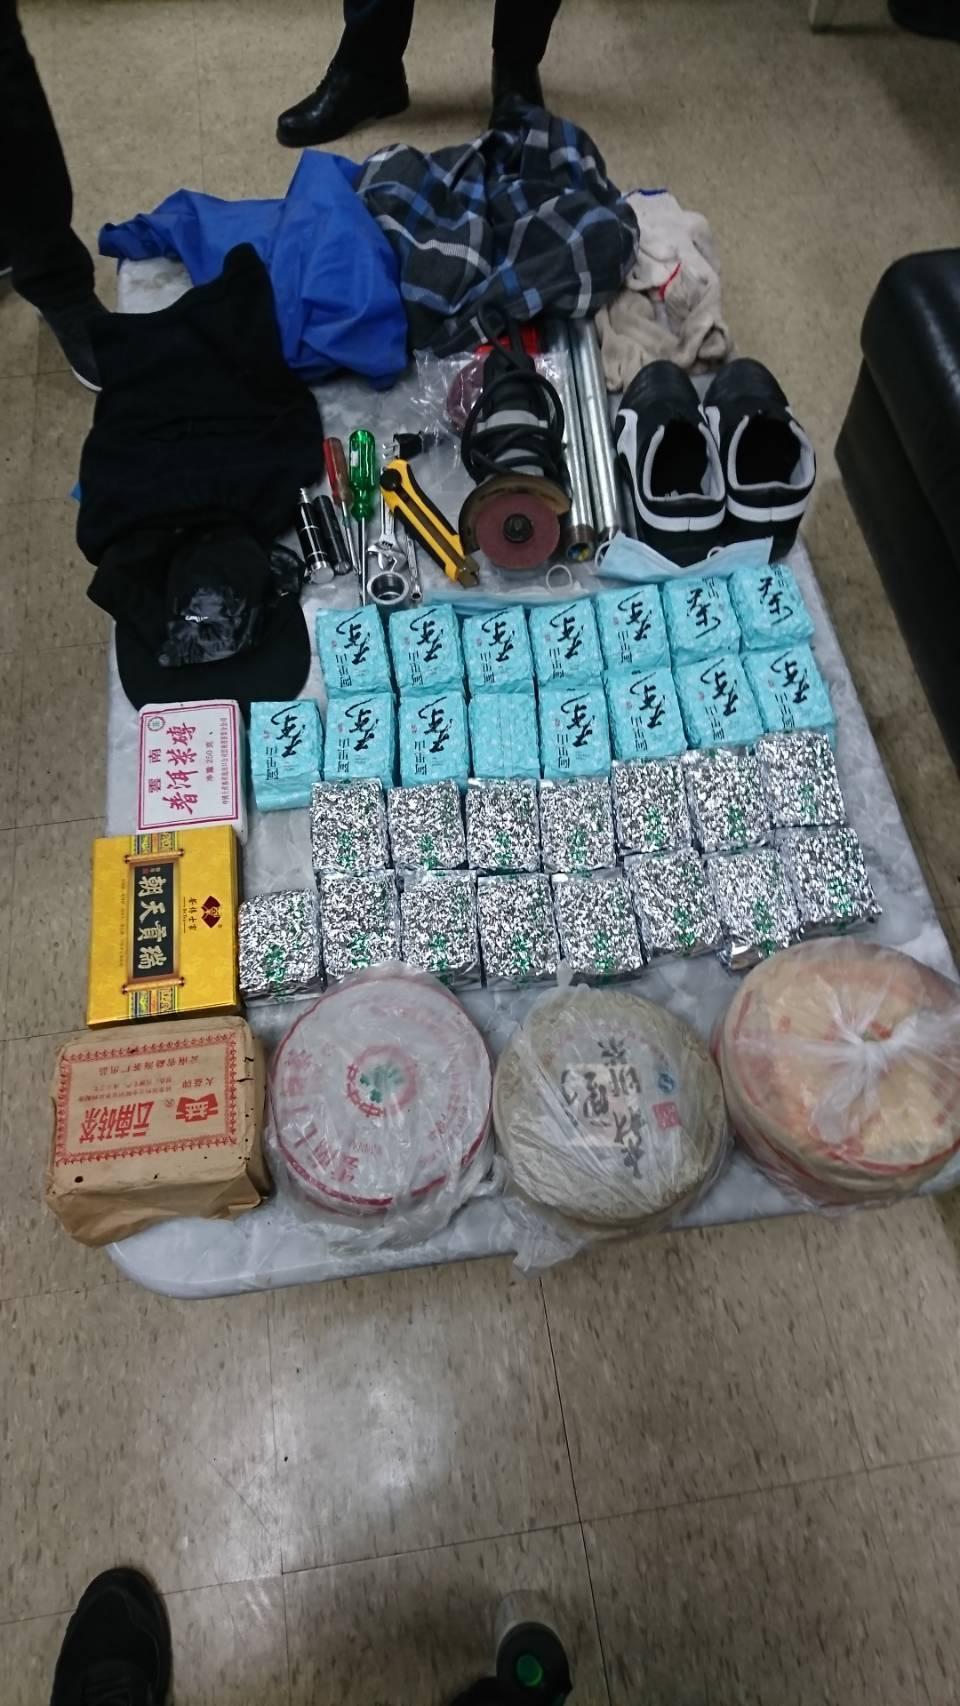 鄧姓慣竊的作案工具以及失竊的茶磚。(警方提供)